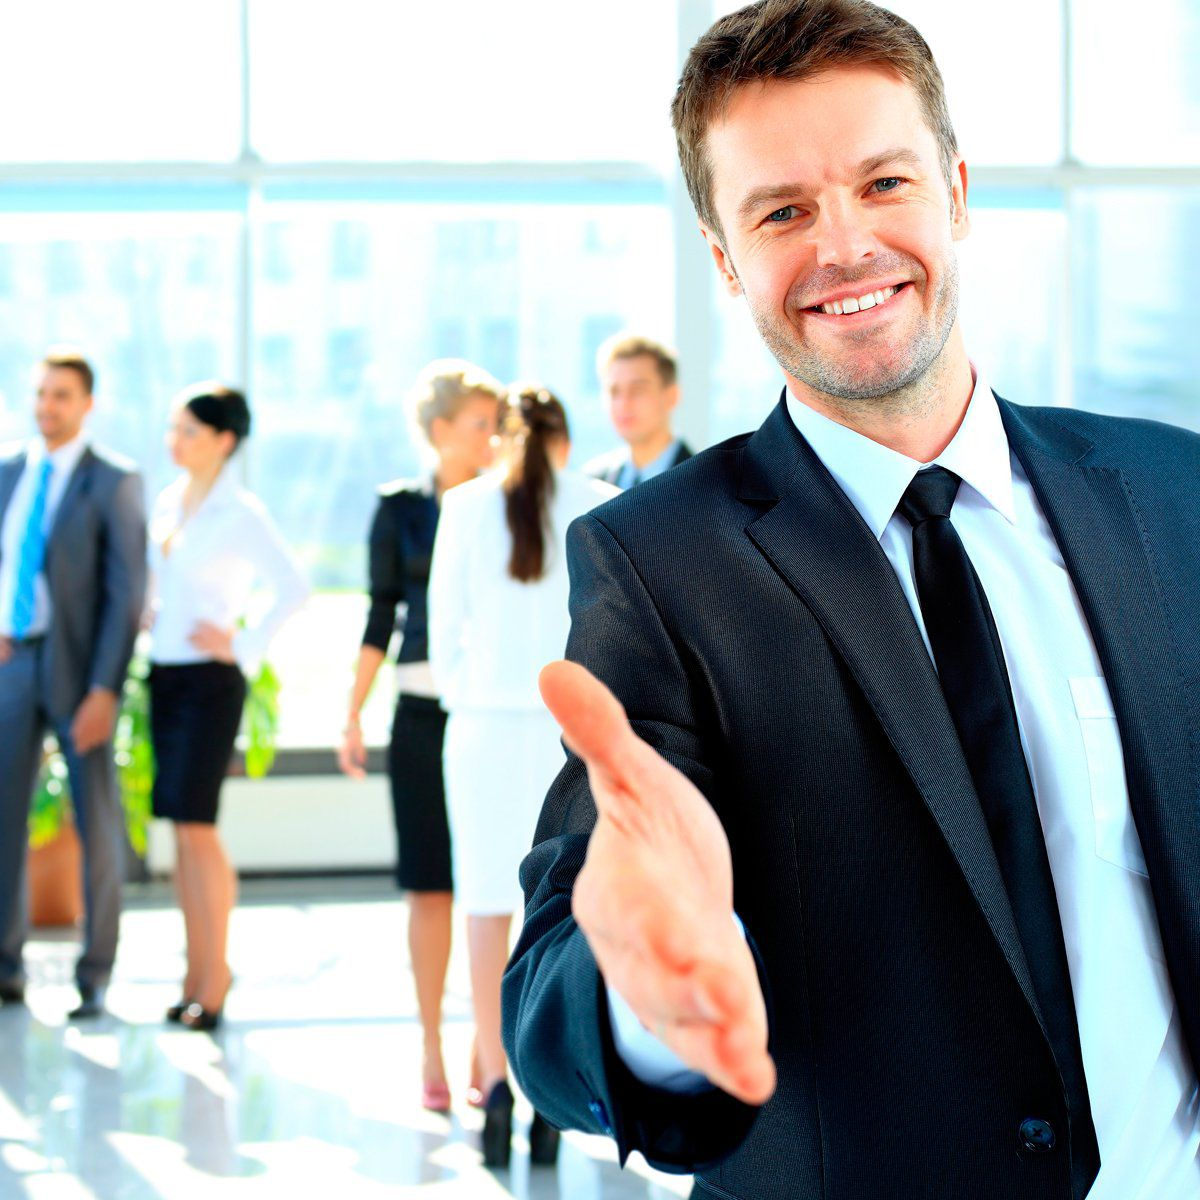 Vendas com foco no relacionamento com o cliente  - PUC Minas